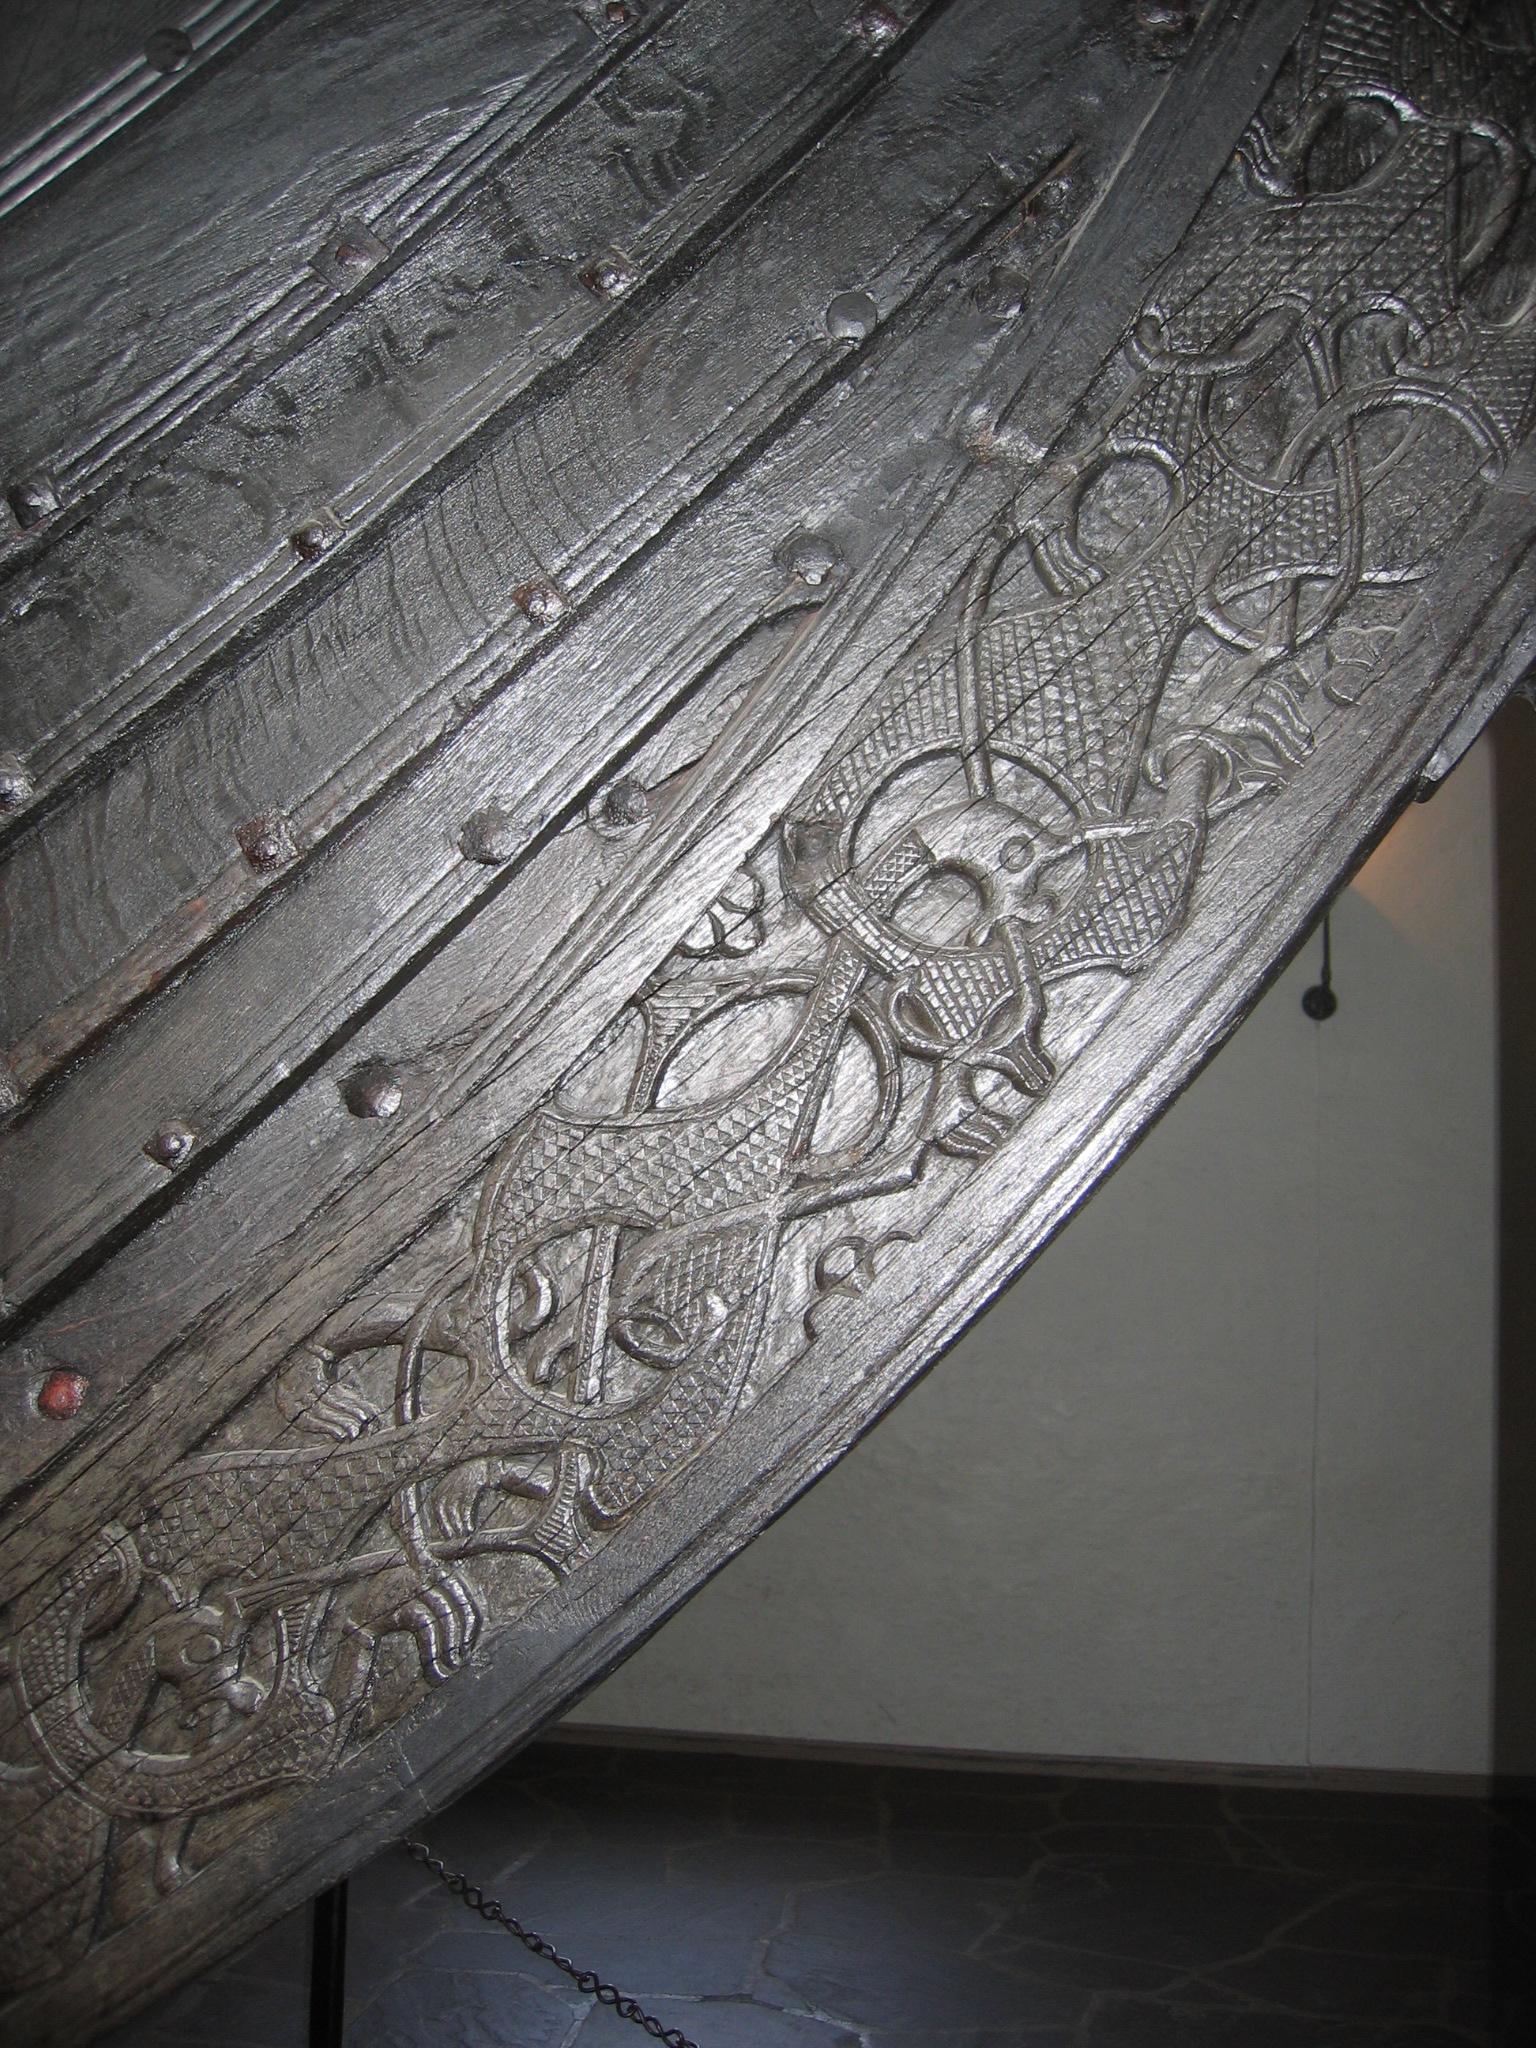 osebergskipet-detail.jpg